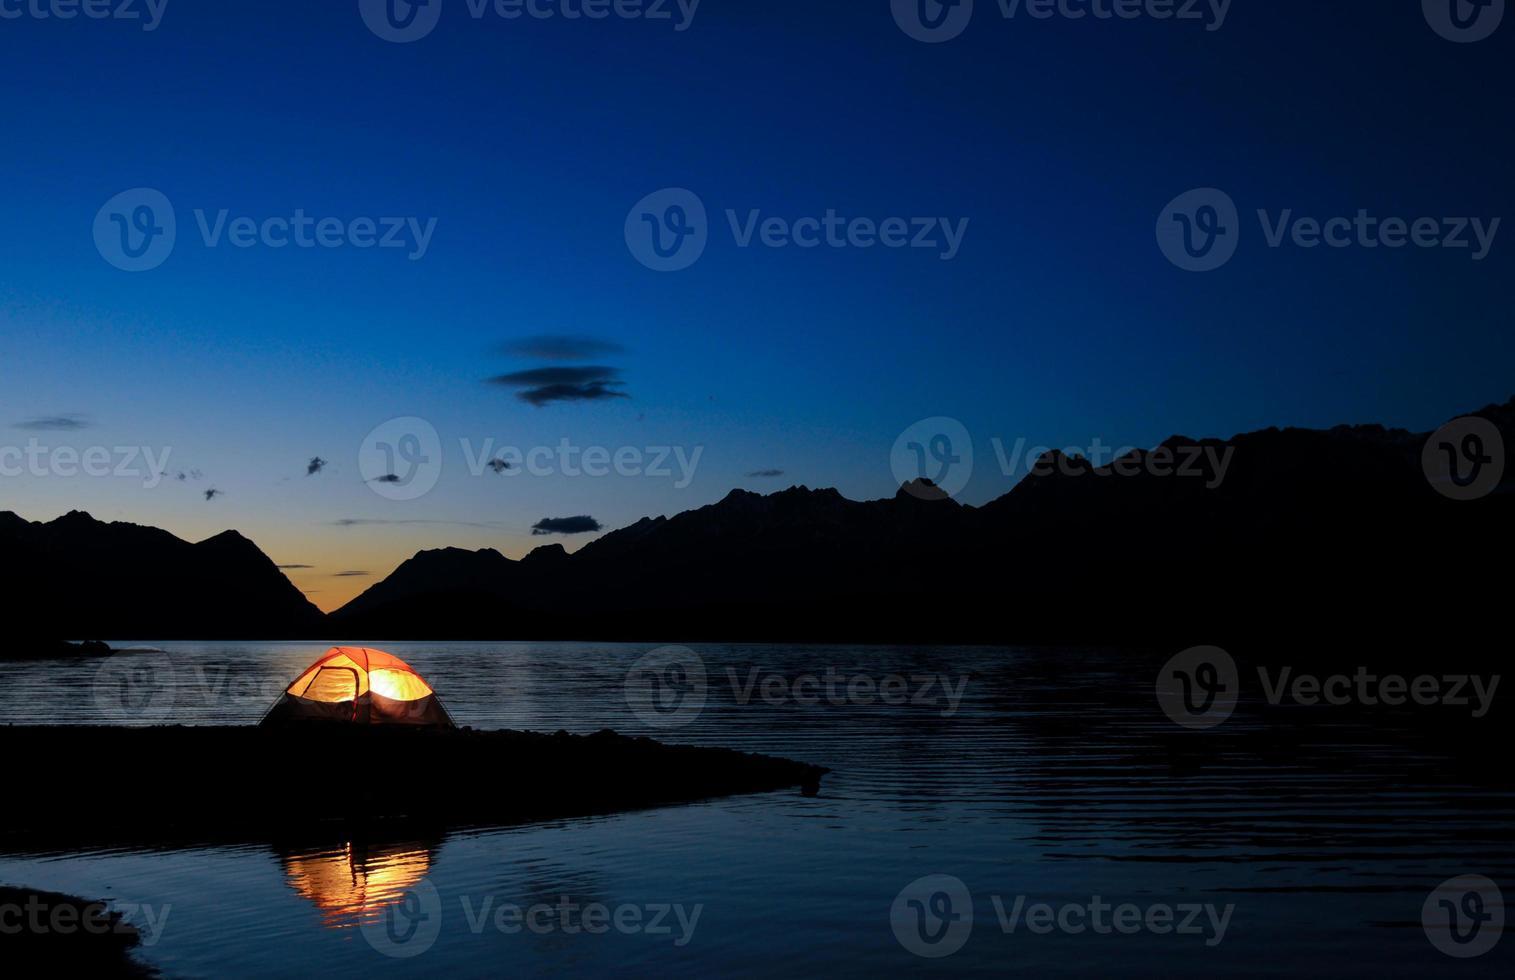 upplyst tält foto